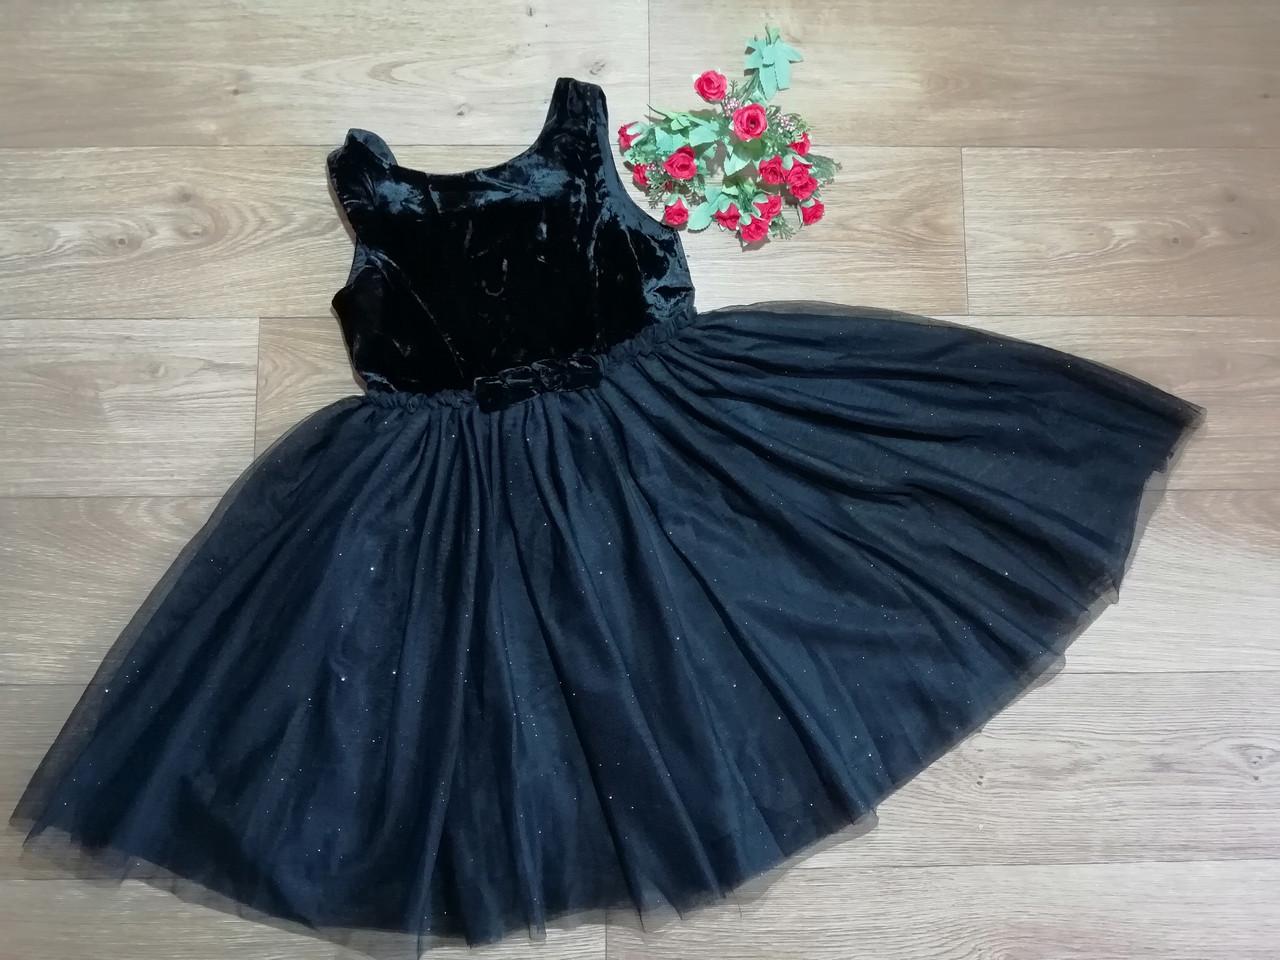 Нарядное плате с велюровым верхом и пышной блестящей фатиновой юбкой H&M (Англия) (Размер 9-10Т)